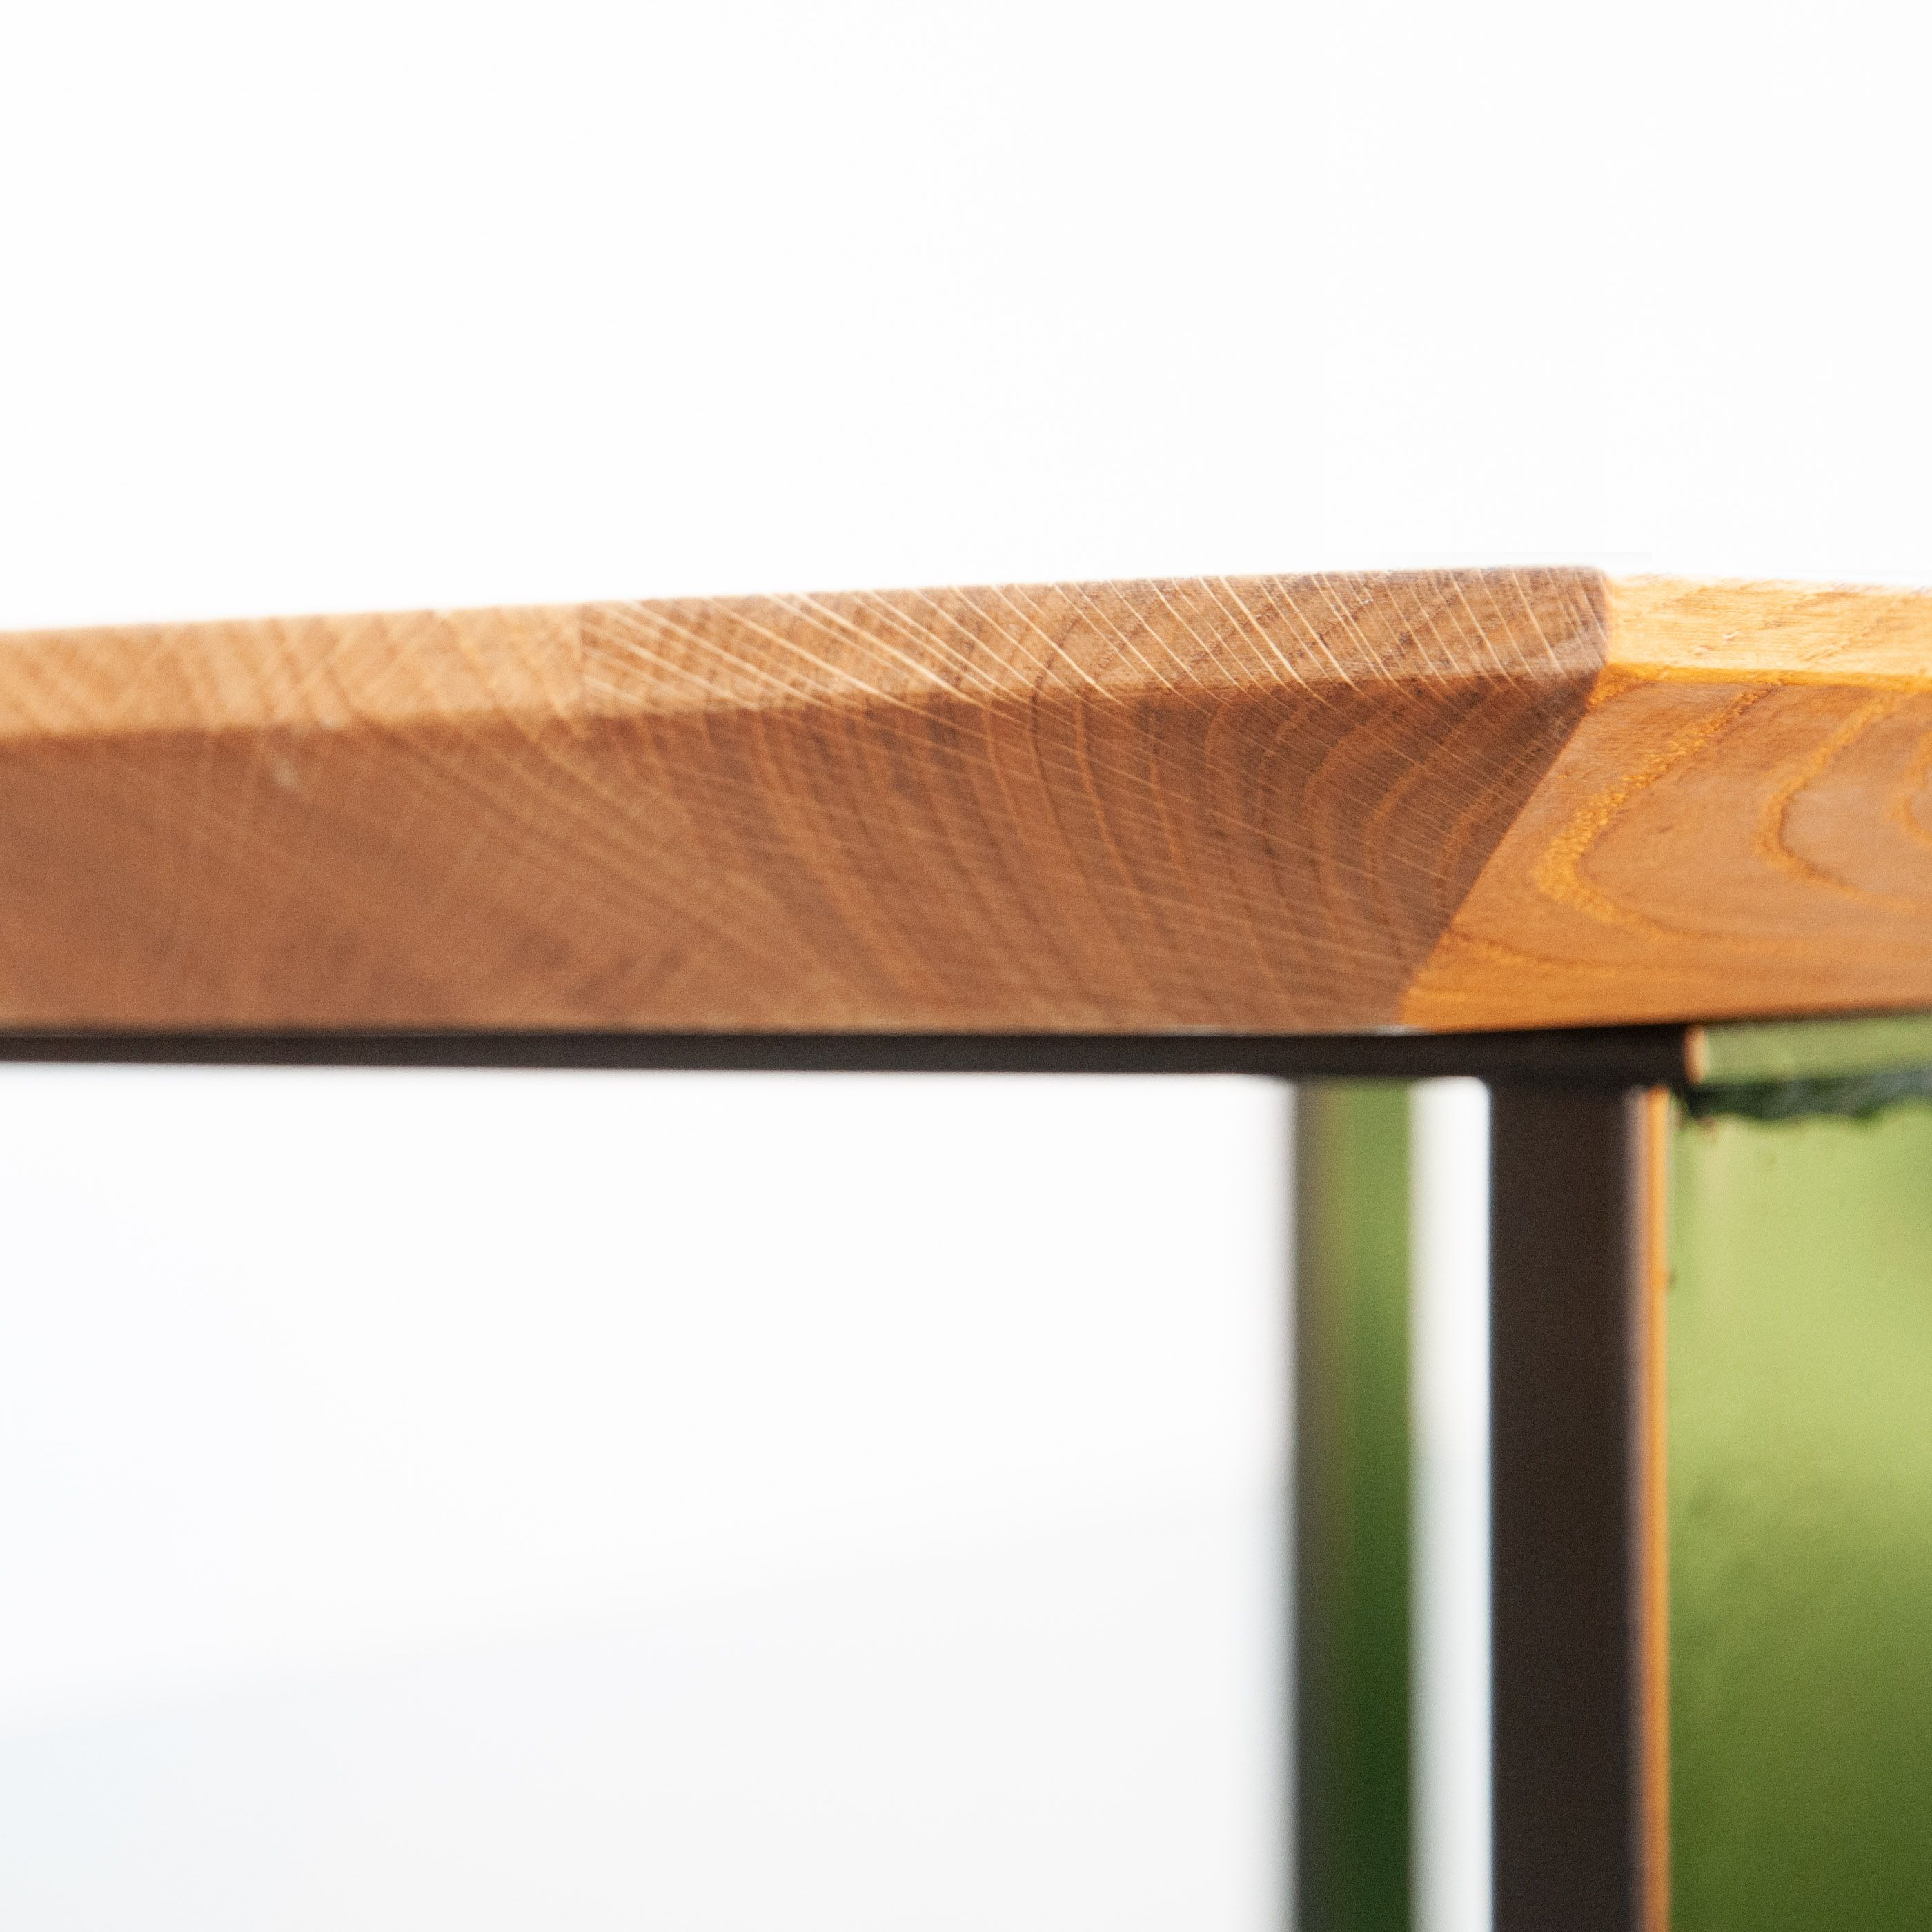 Tisch Mit Schweizer Kante Aus Massiv Eiche Tisch Eiche Massiv Massivholz Tischplatte Tischplatten